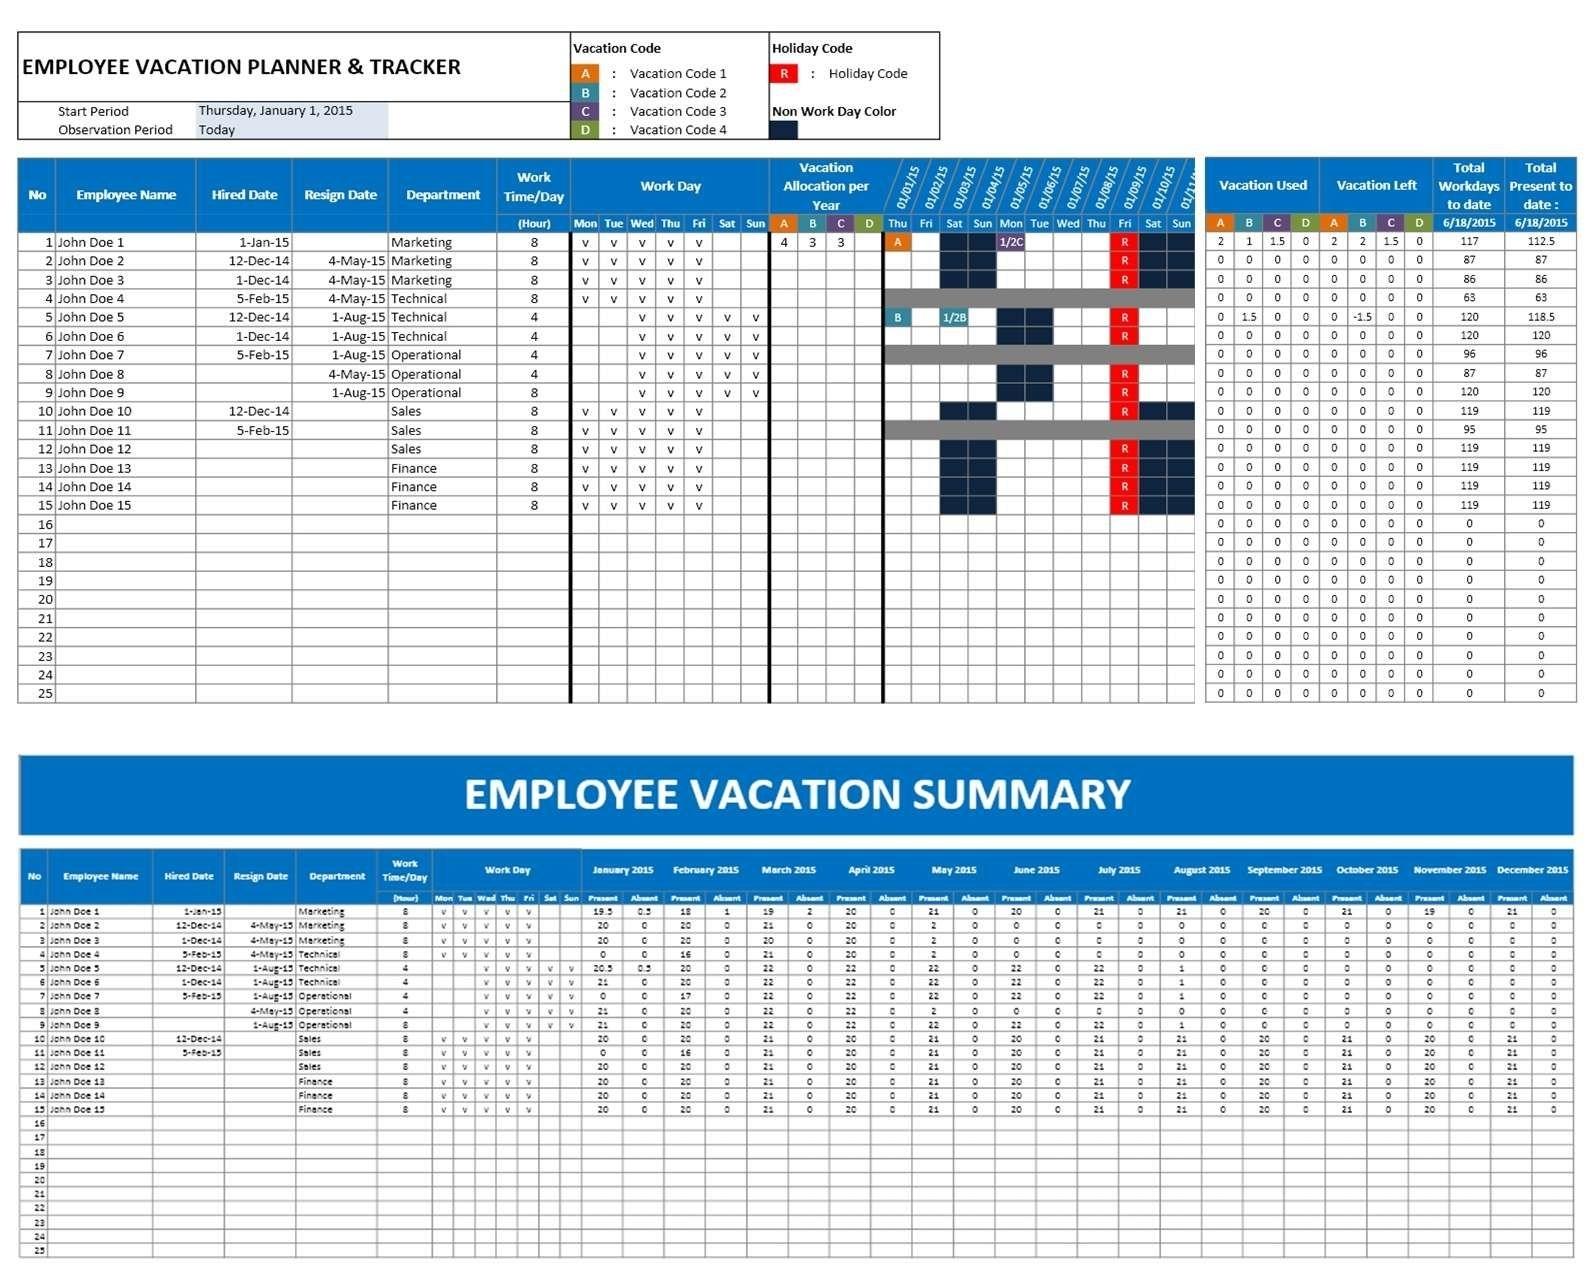 Employee Attendance Calendar Excel Template - Google Search | Mgmt throughout Excel Employee Attendance Calendar Template